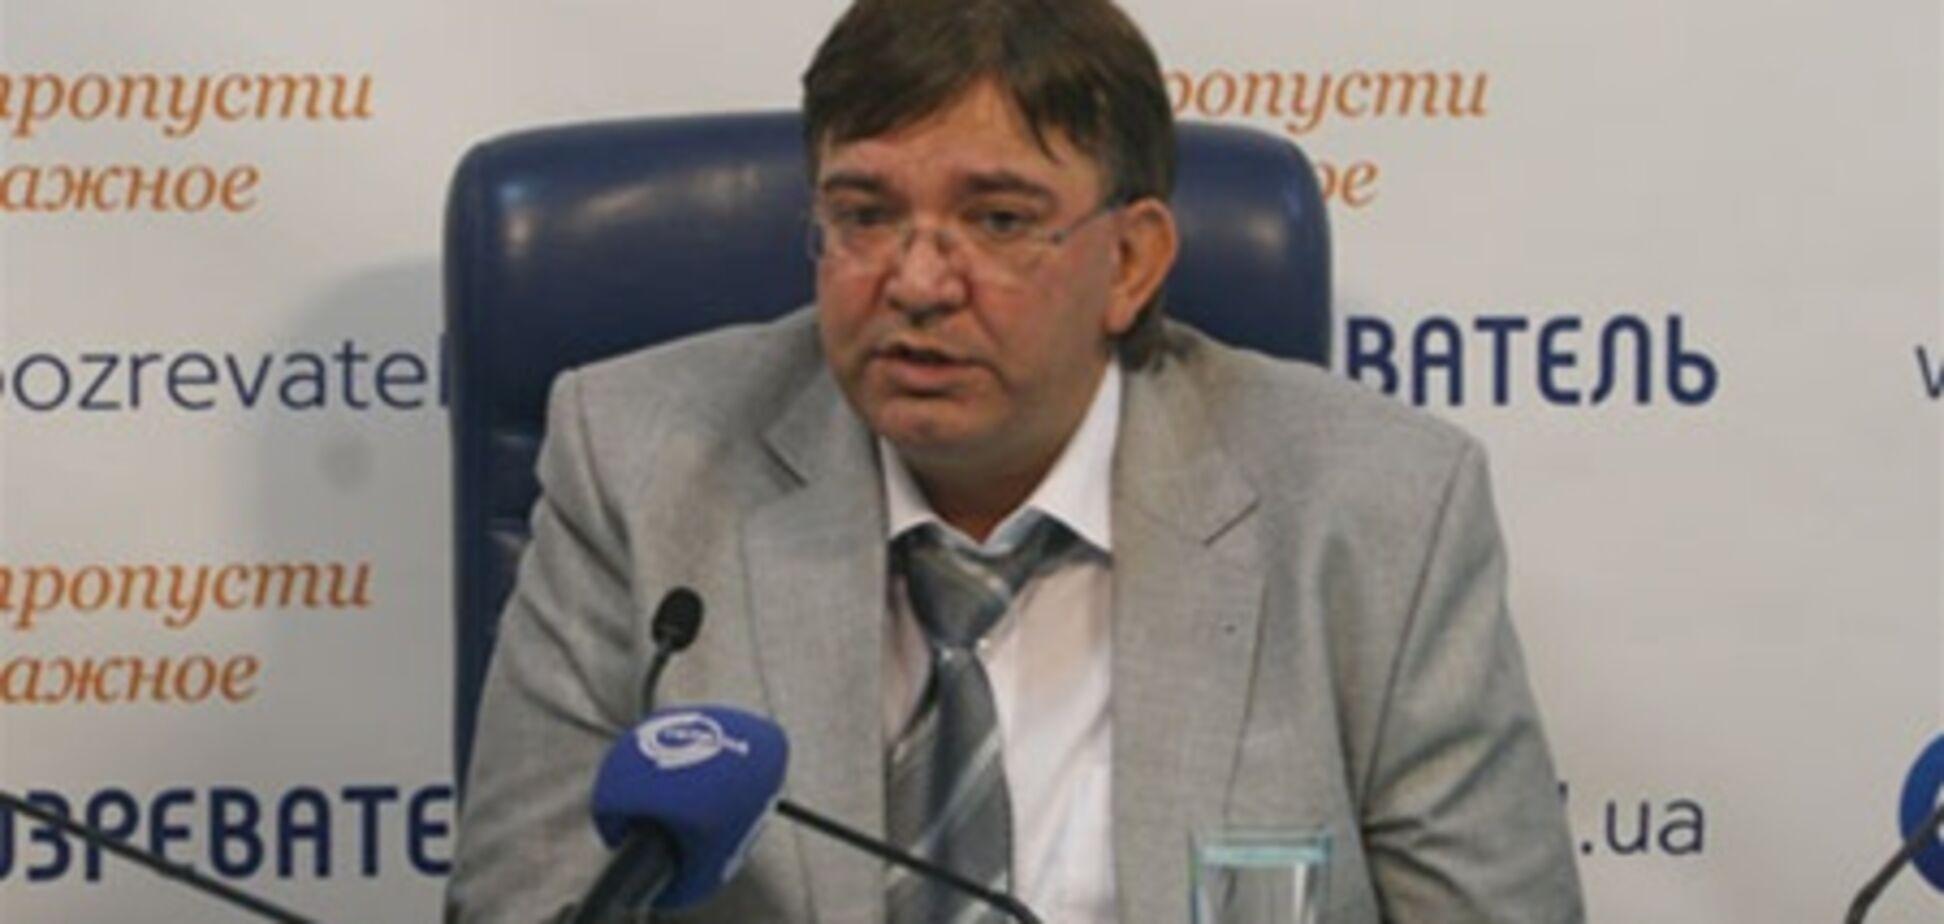 Протесты во Врадиевке могут перекинуться на всю страну – Багиров